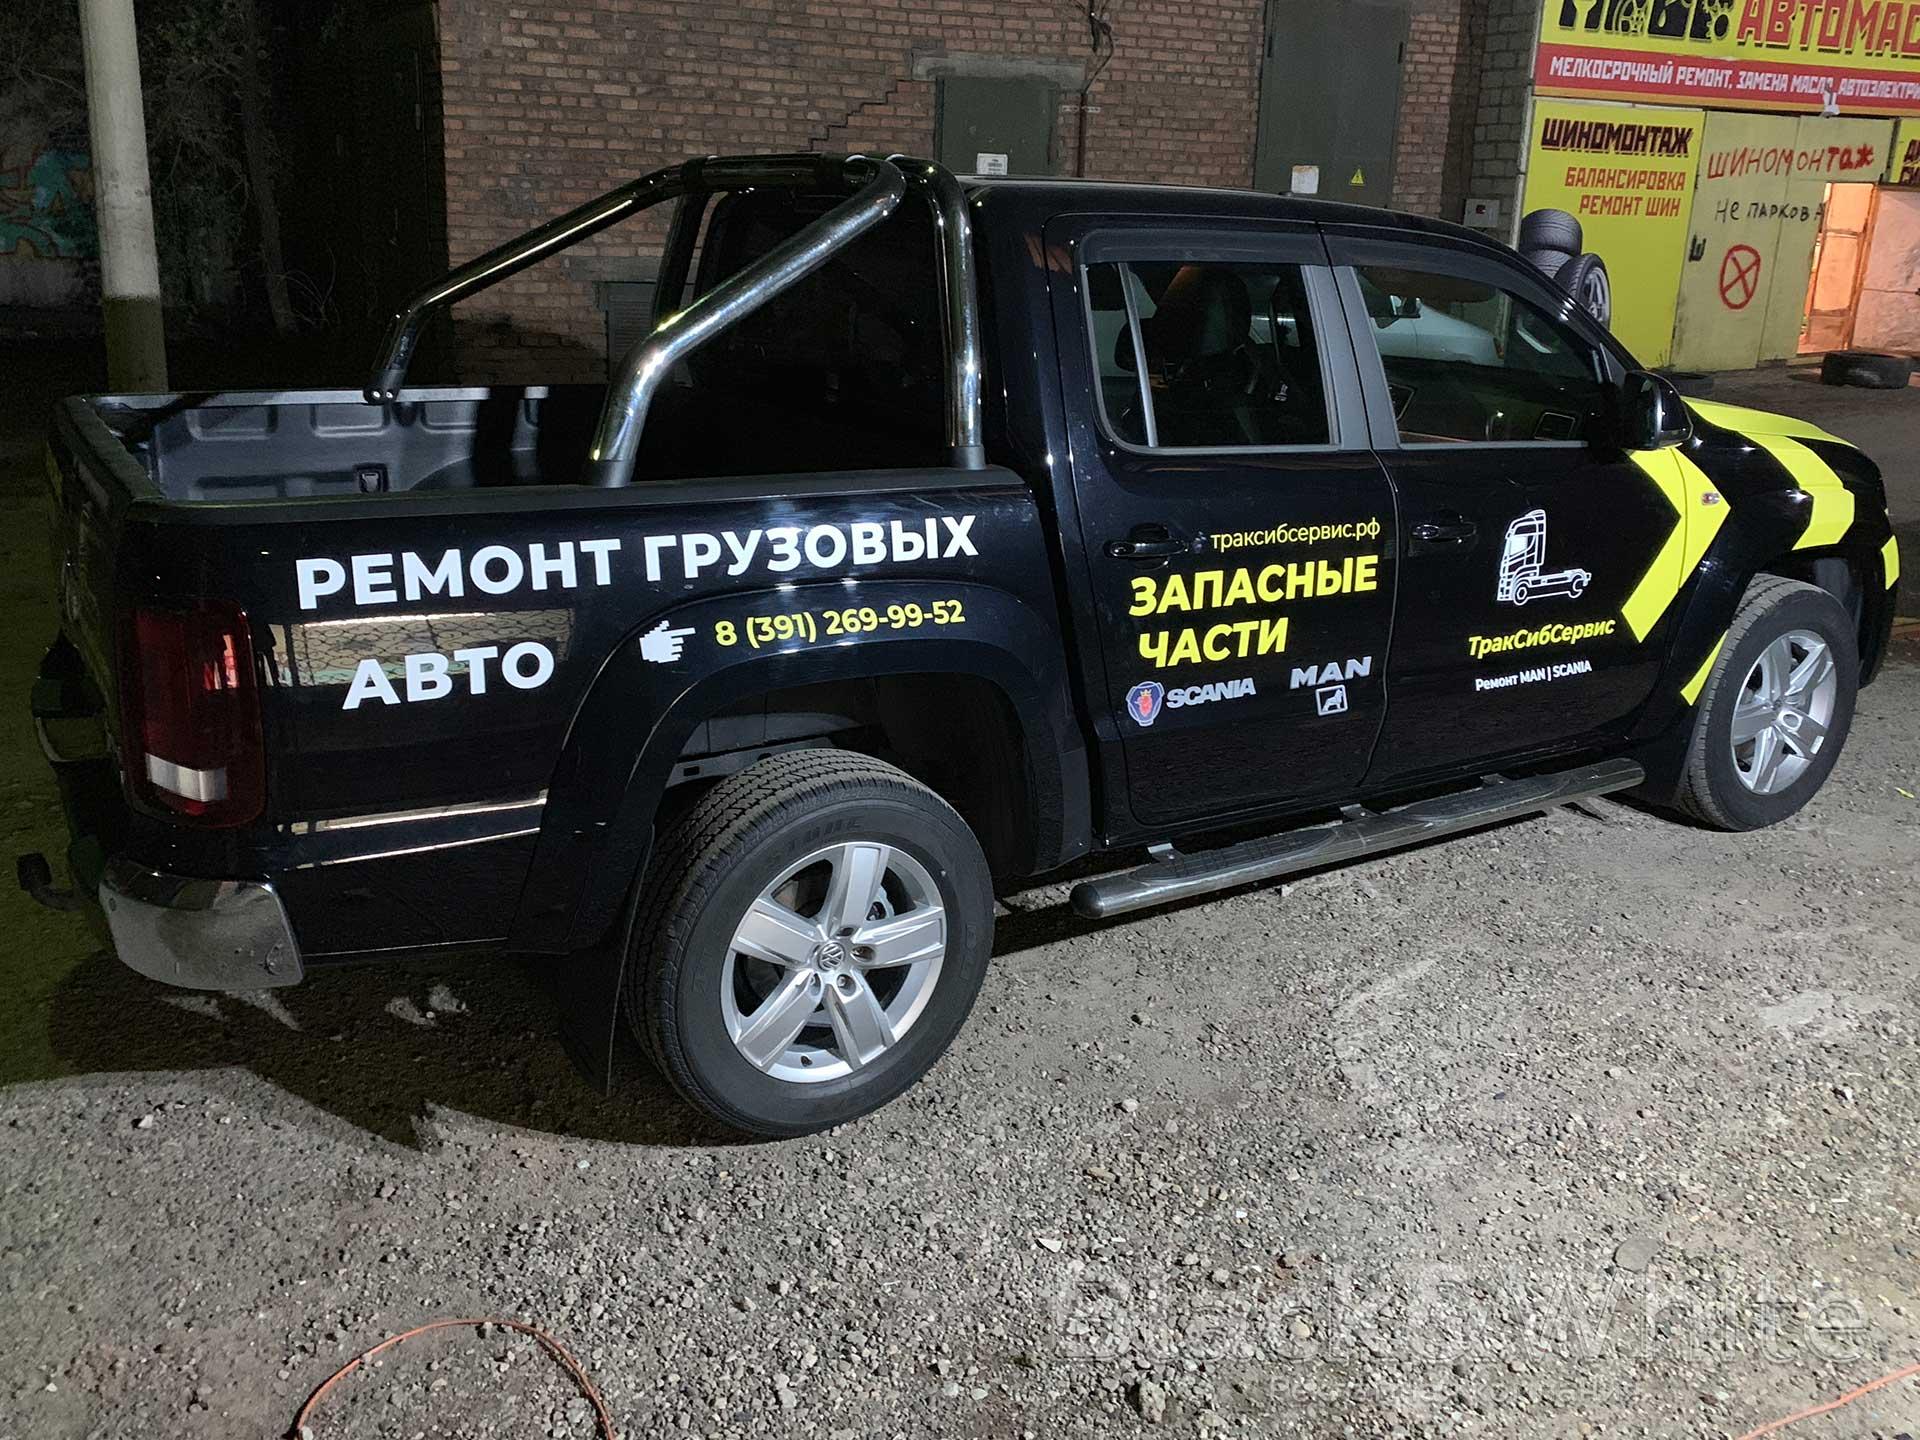 Изготовление-рекламы-на-автомобиль-в-Красноярске-Брендирование-авто.jpg